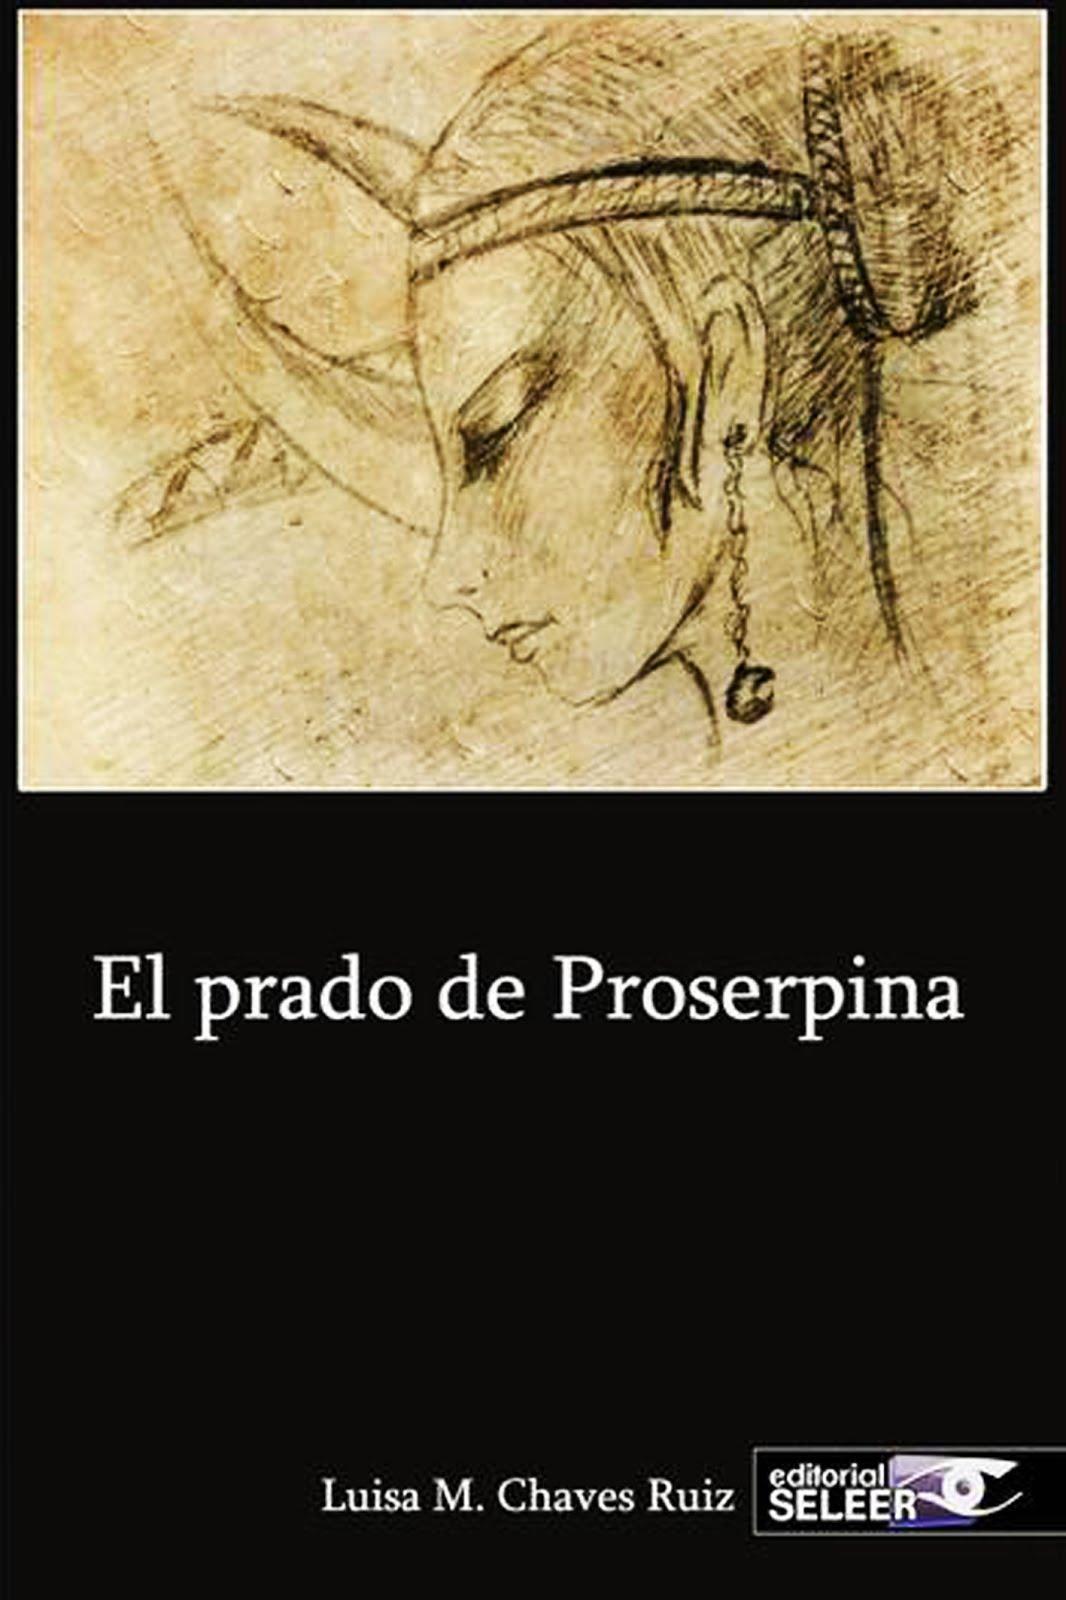 EL PRADO DE PROSERPINA